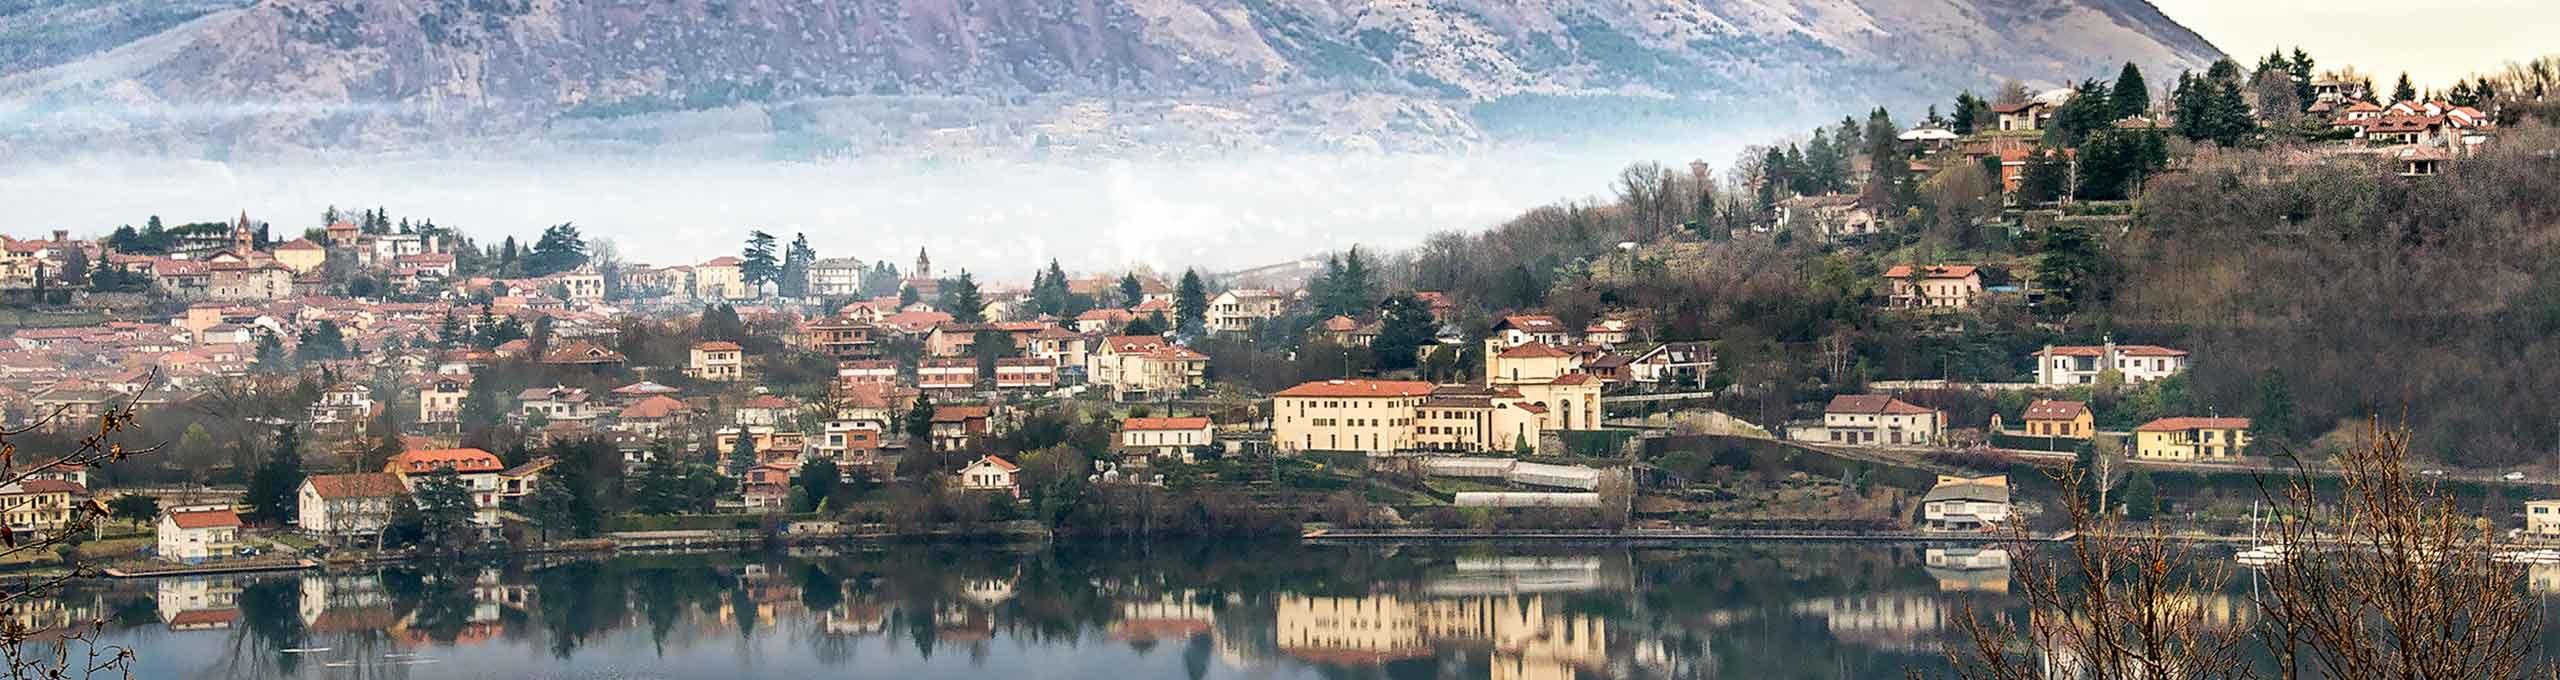 Avigliana, Val di Susa